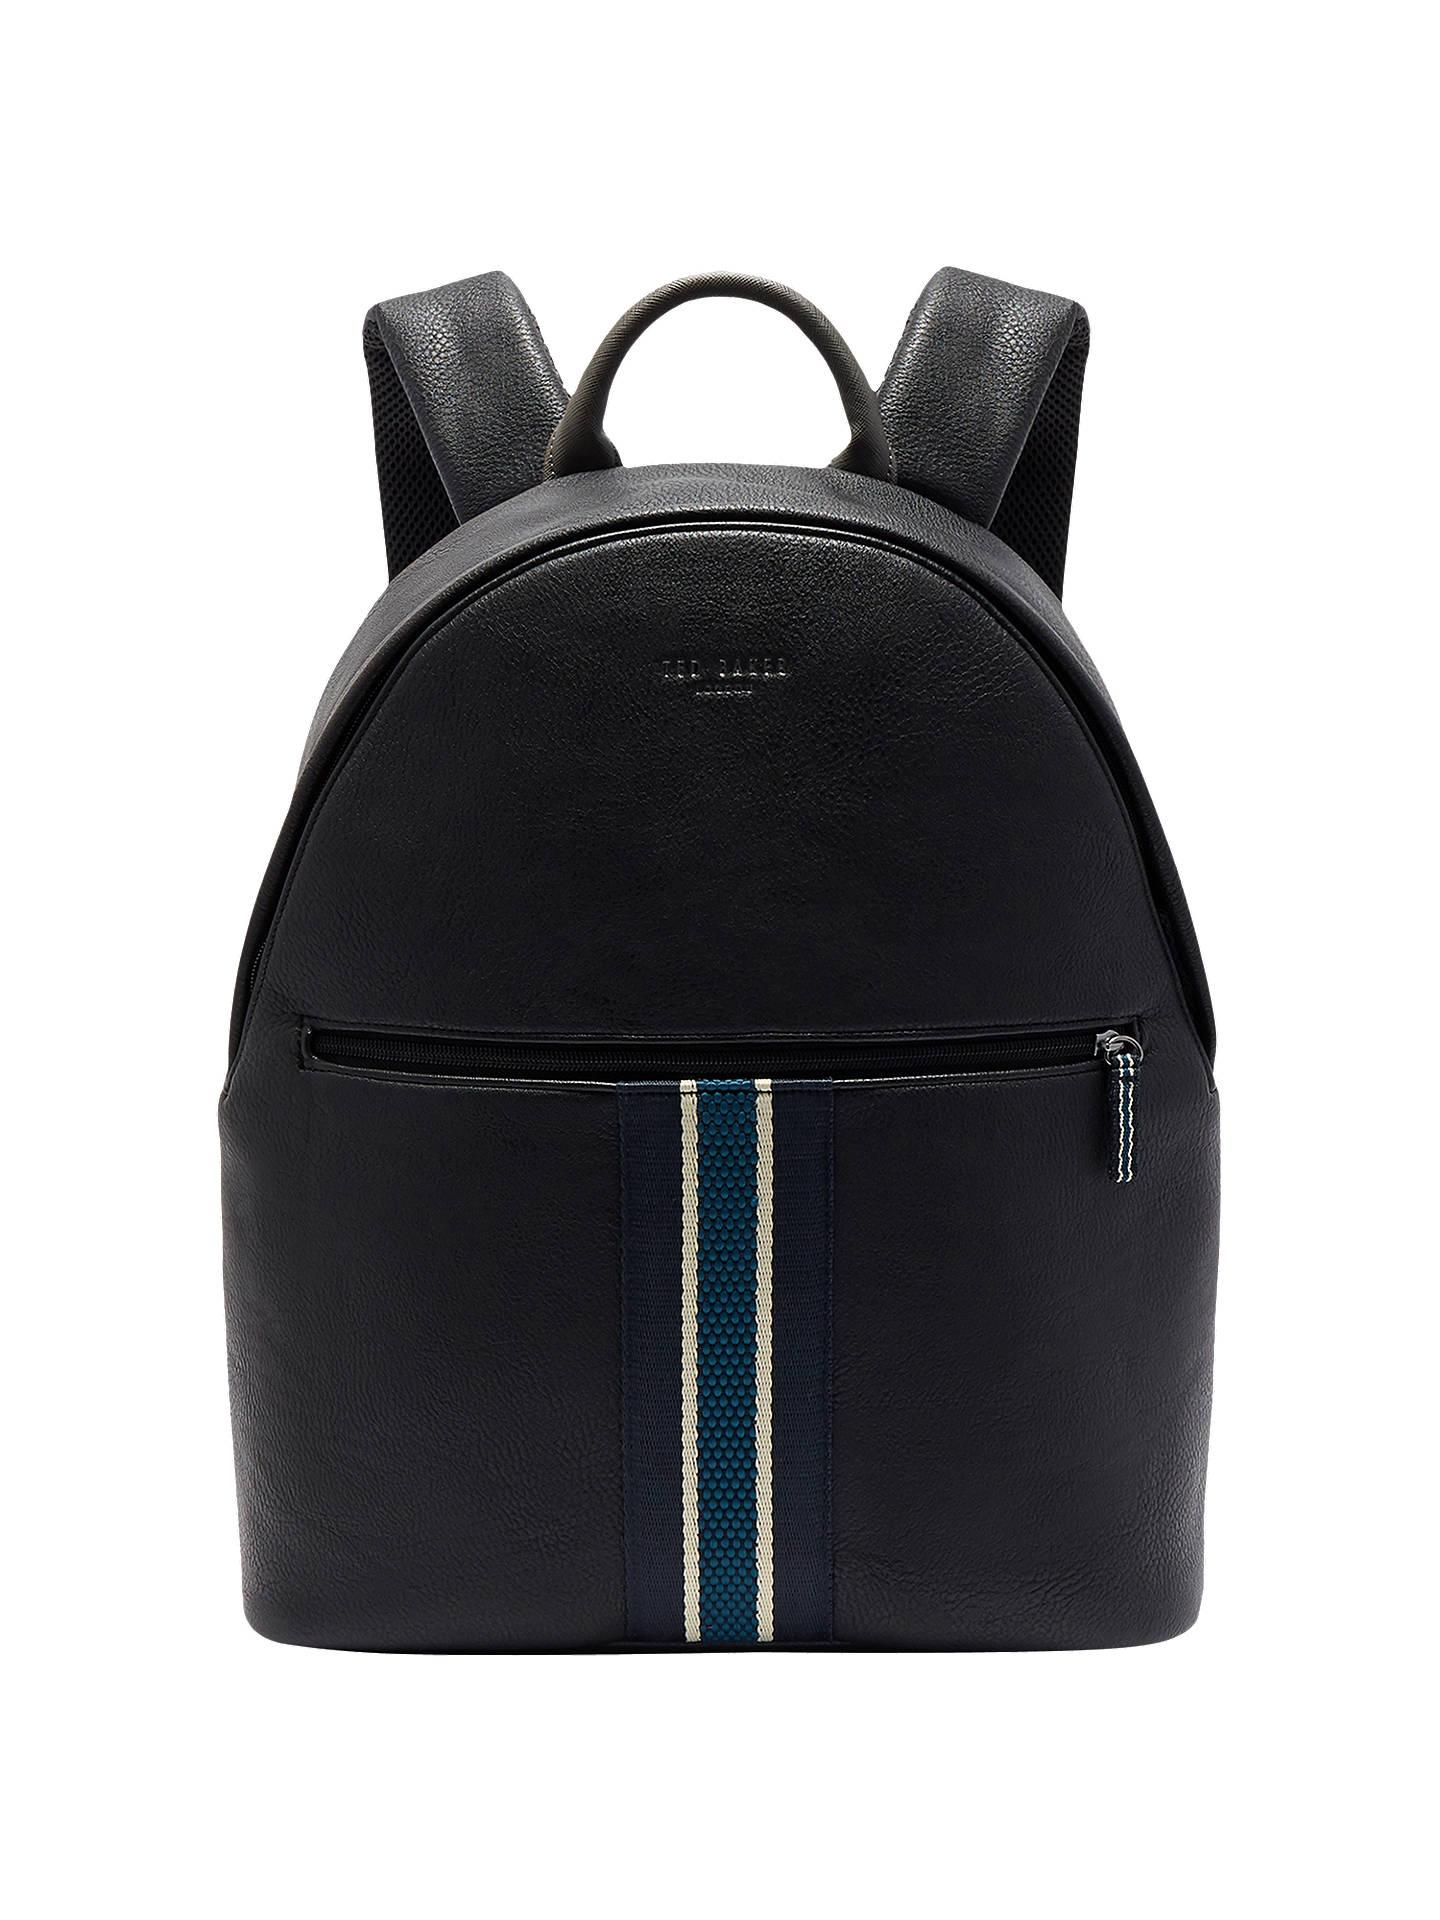 BuyTed Baker Heriot Backpack a21c7400af10c